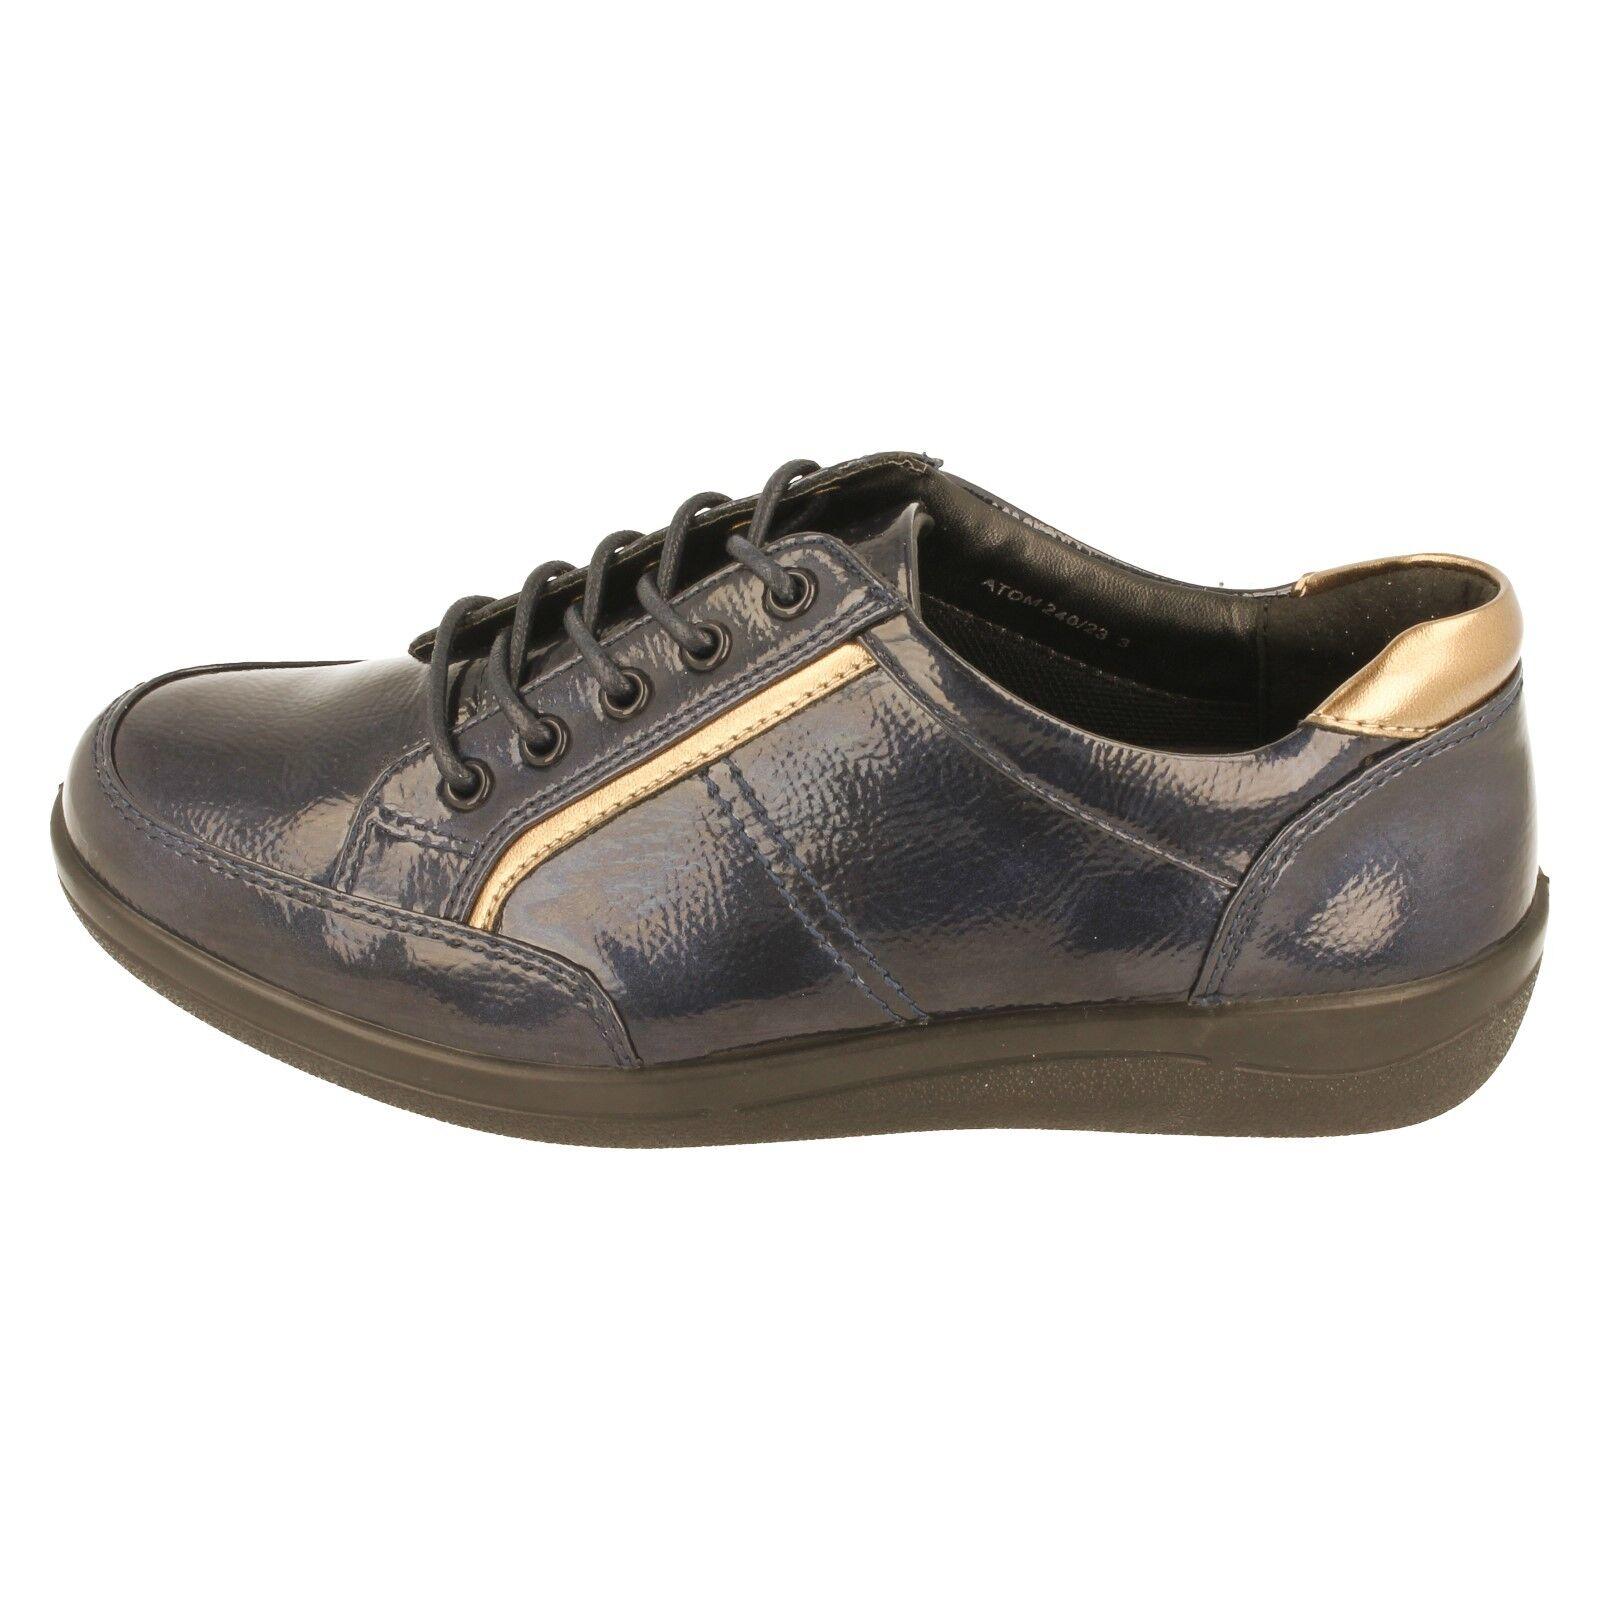 Damen Padders Schnürer Schuhe mit weiter Passform Passform Passform Schuhe - Atom 197188